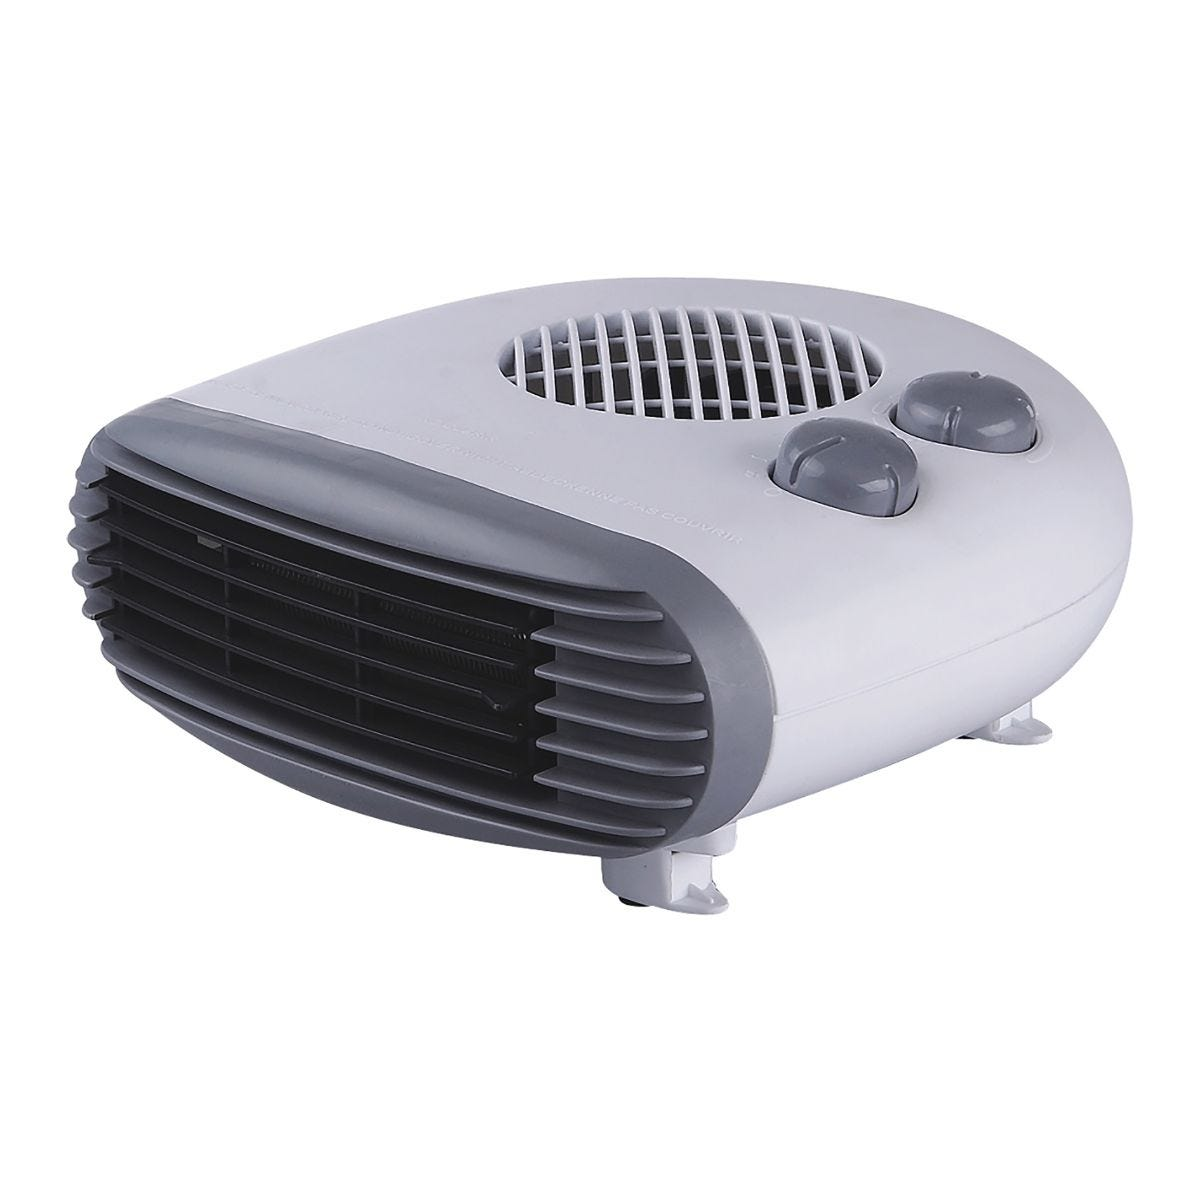 Image of Texet Fan Heater